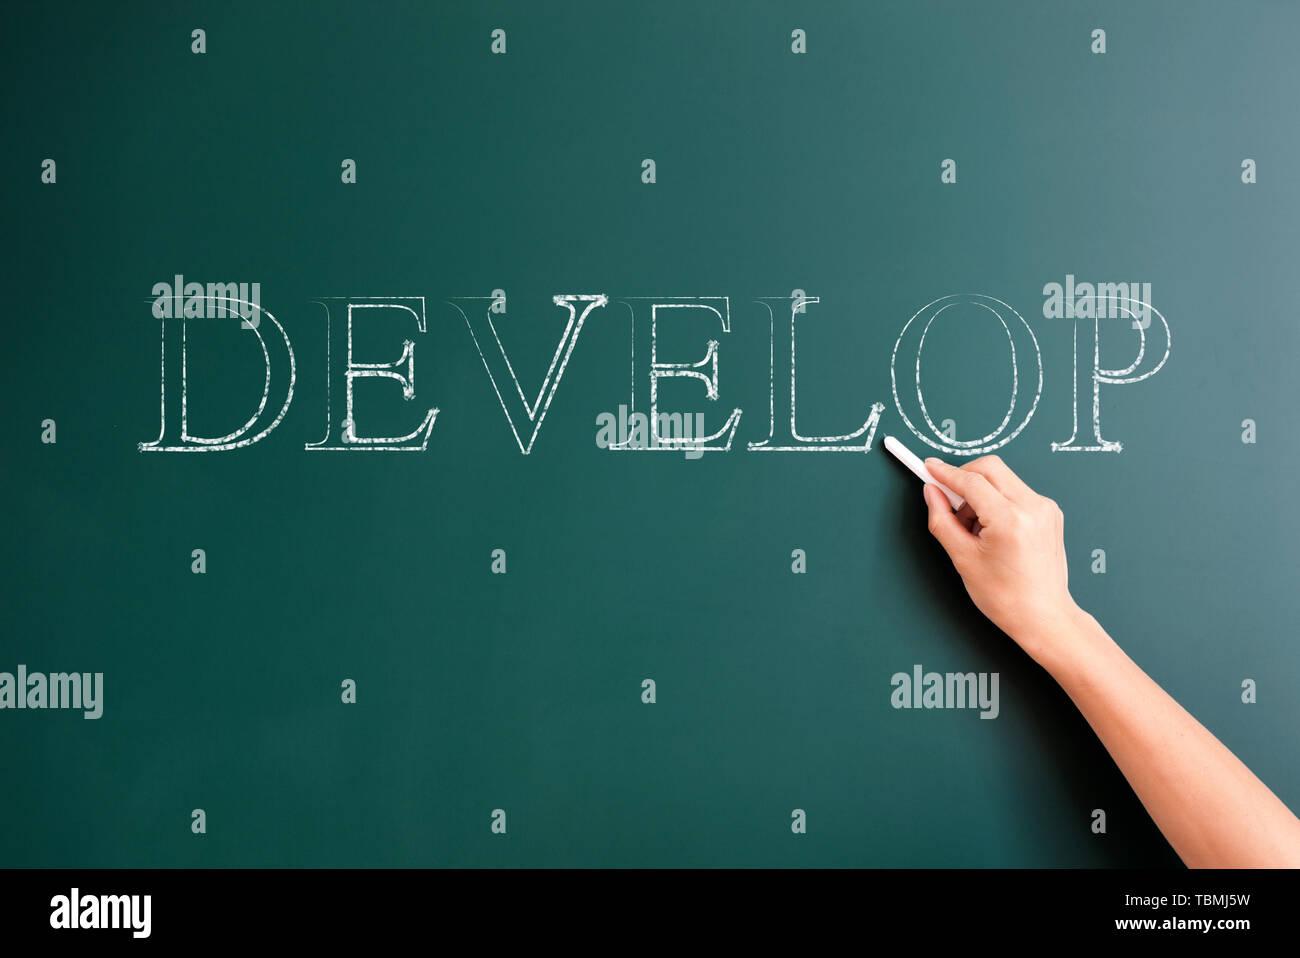 develop written on blackboard - Stock Image